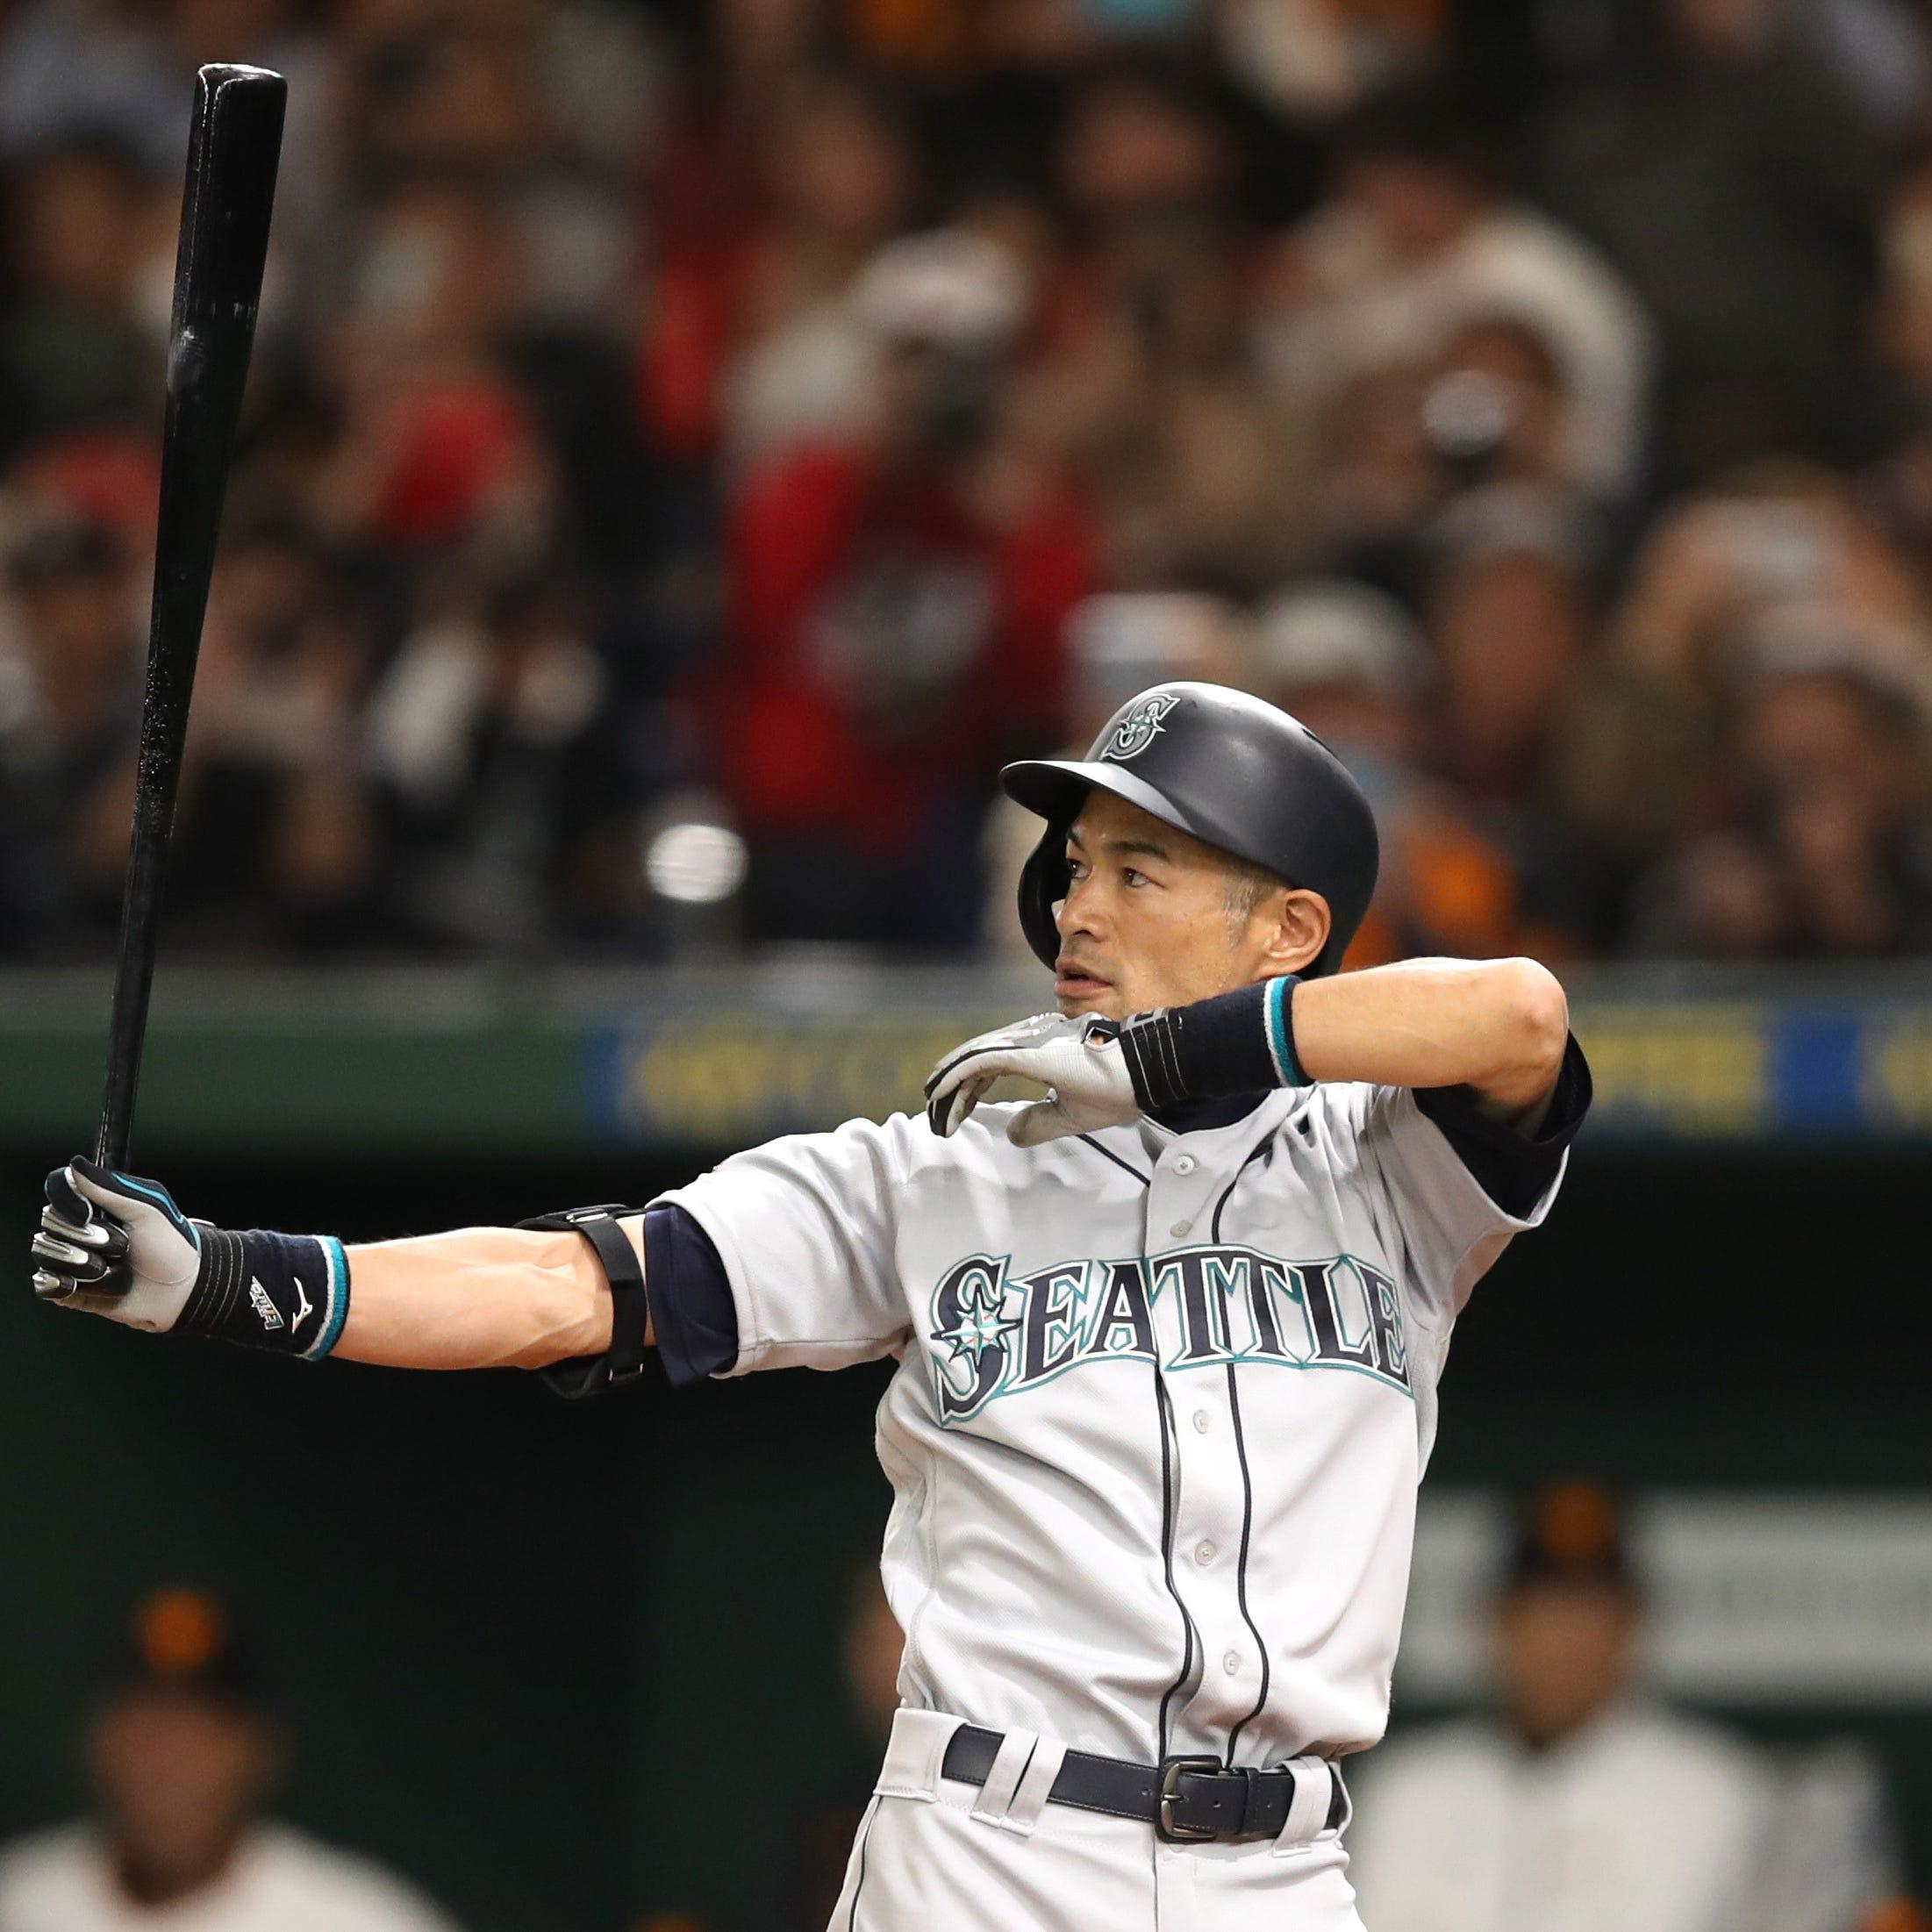 After 19 seasons, Ichiro Suzuki is expected to...